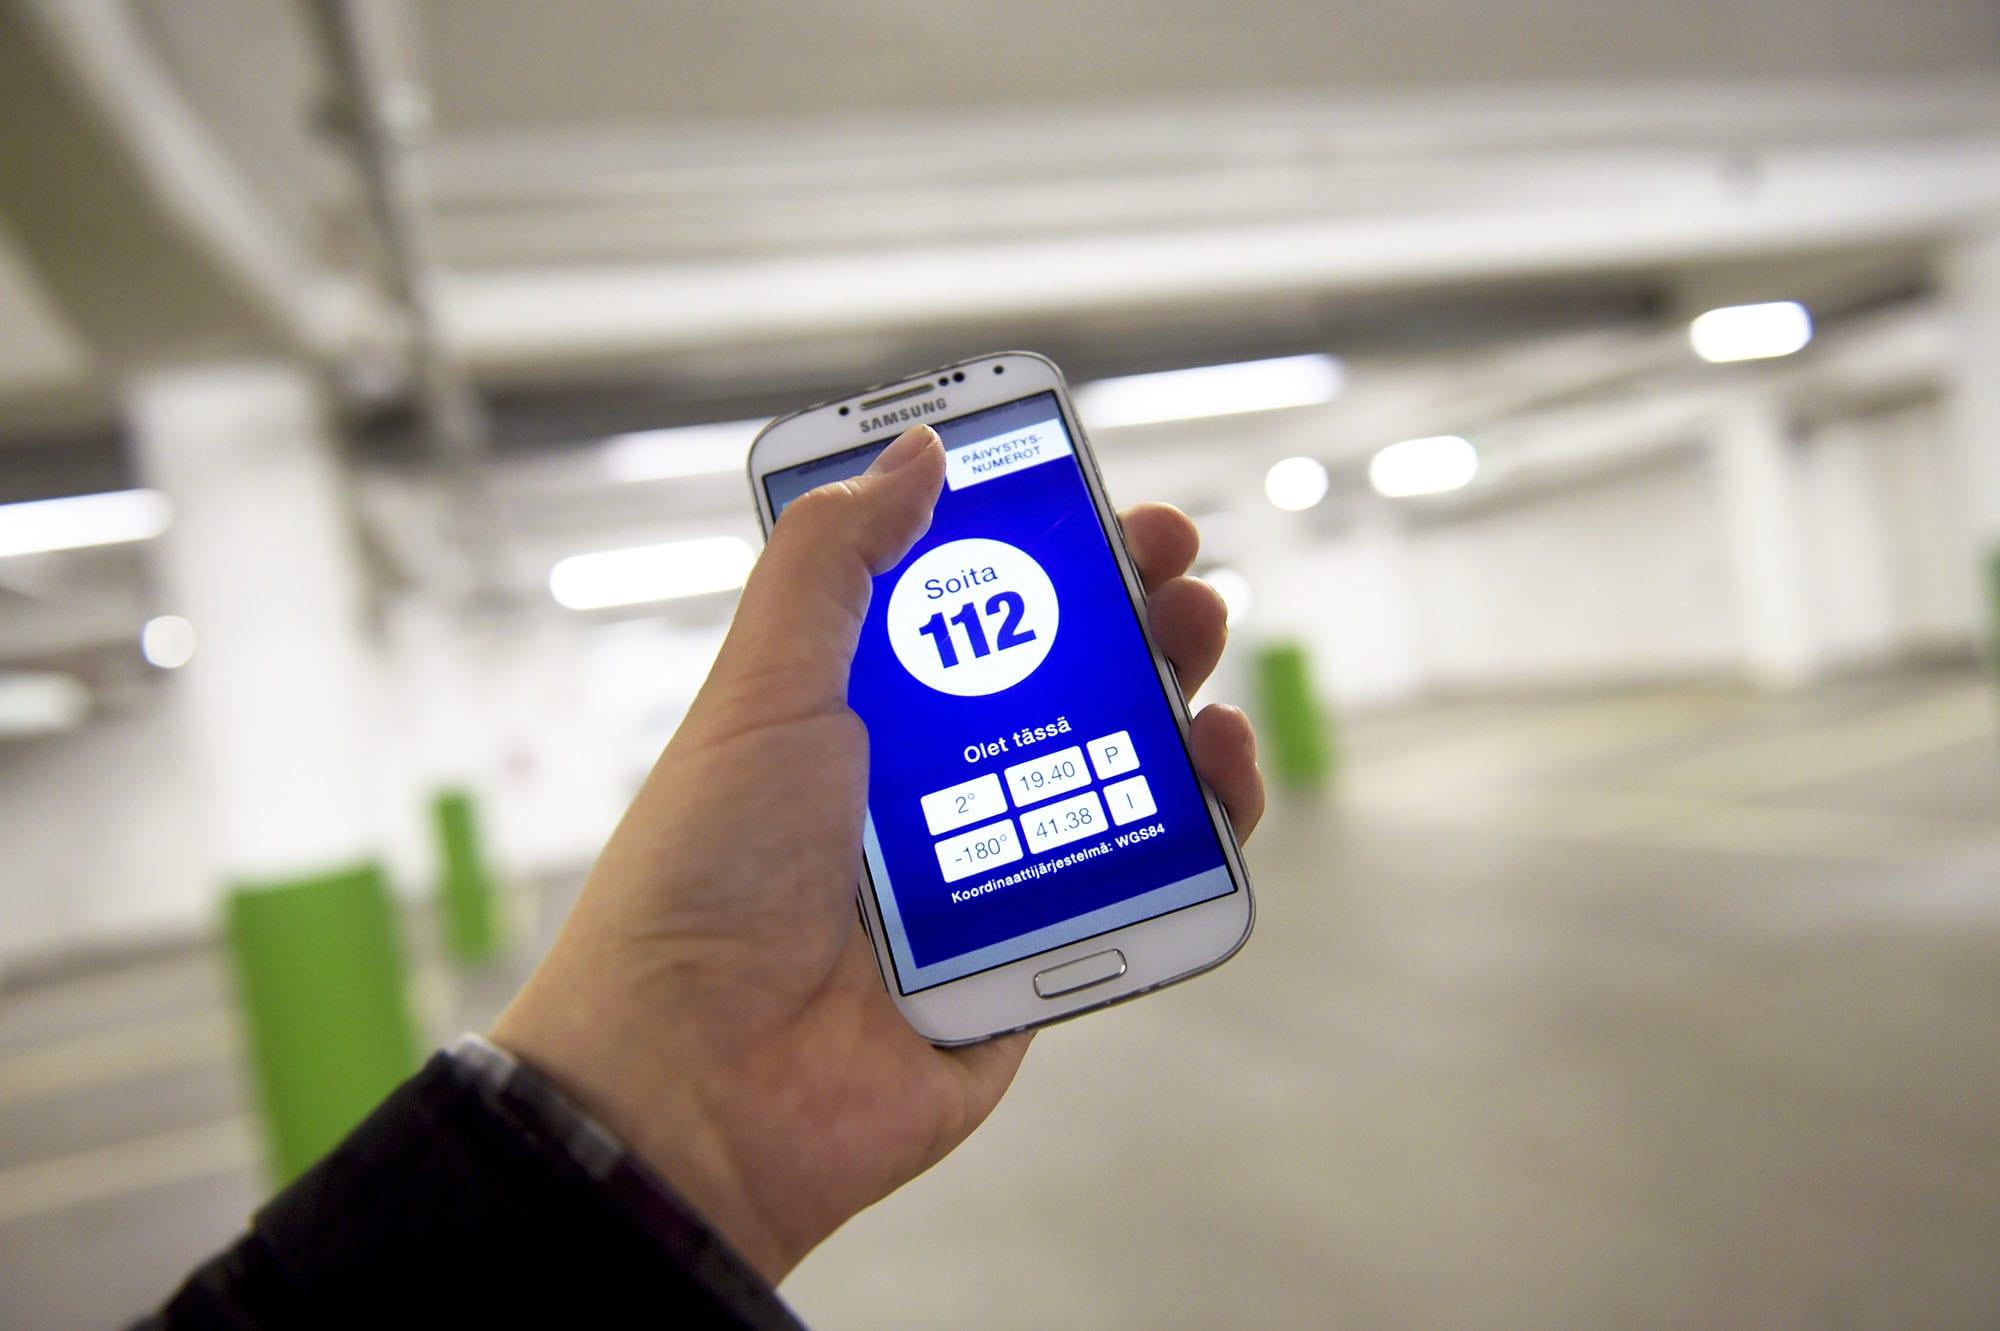 Hätäkeskuksen mobiilisovellus matkapuhelimessa Helsingissä.